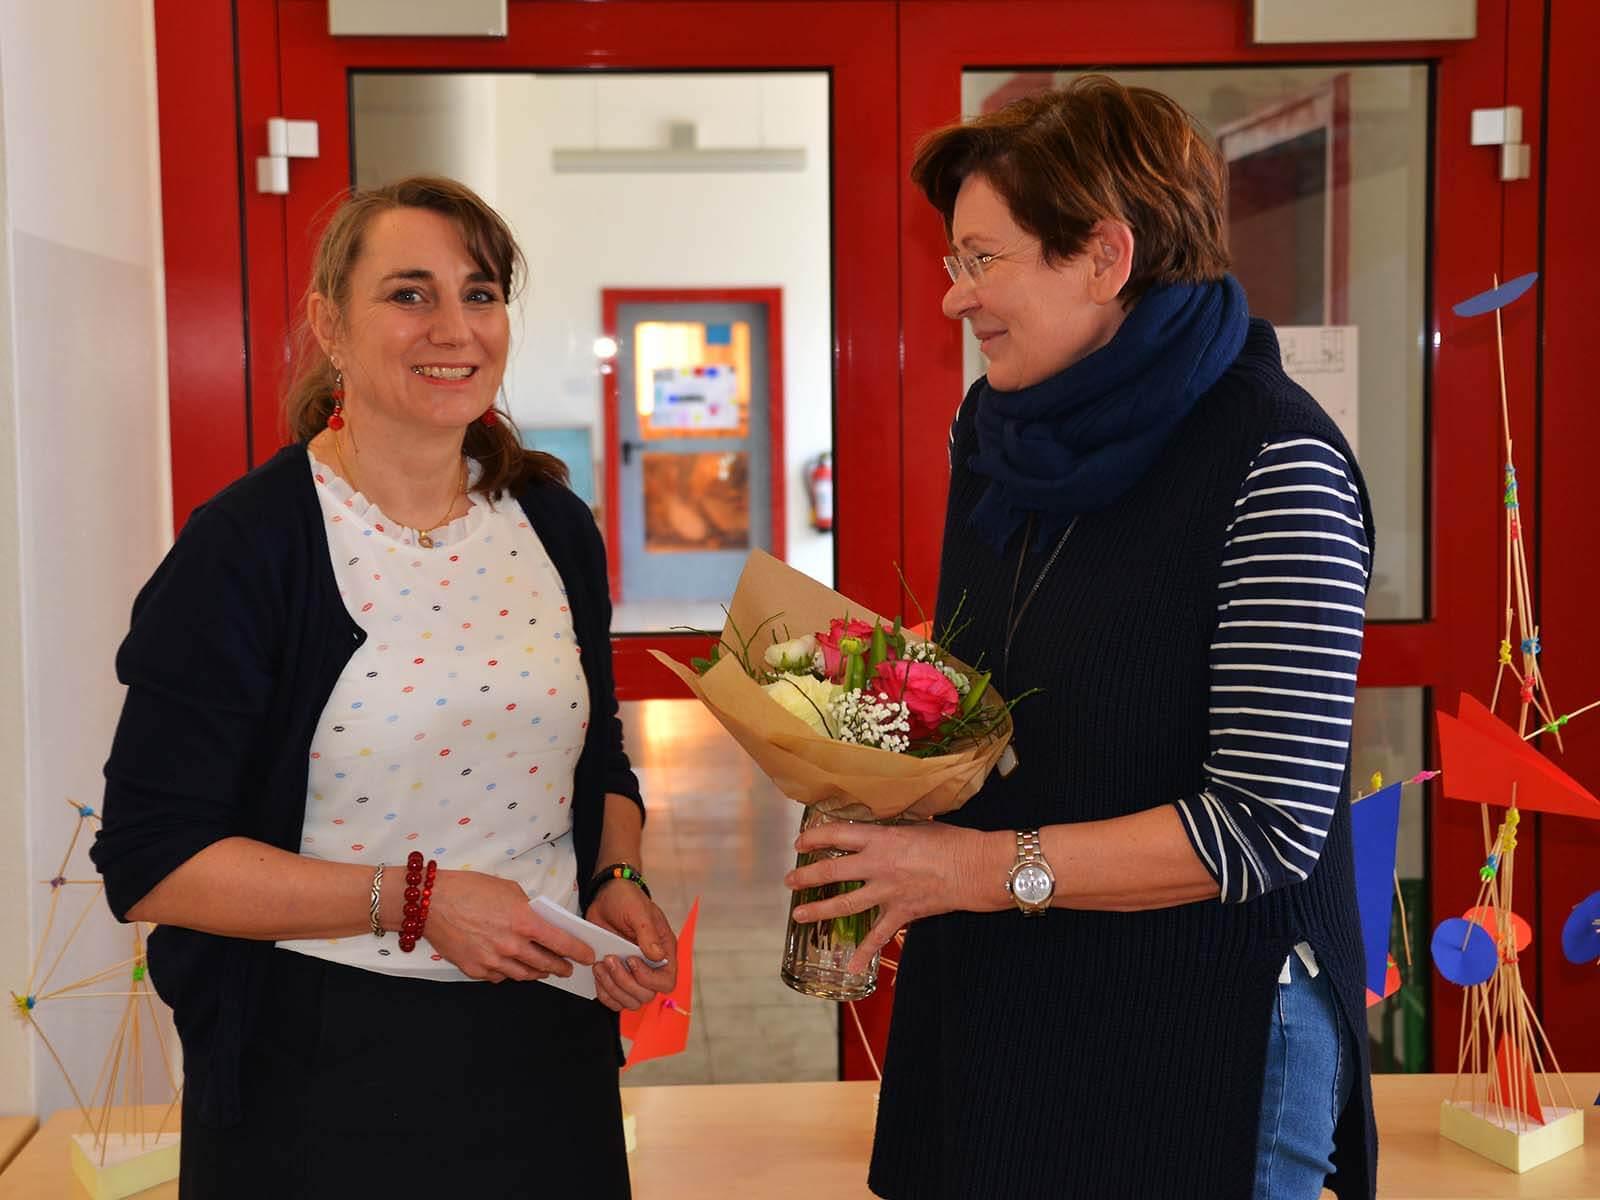 Susanna Bauer, Konrektorin an der Grund- und Mittelschule Rosenheim-Aising (re.), bedankt sich bei Kursleiterin Kristin Winkelmann für die Anleitung der tollen Bauhaus-Kunstkurse.